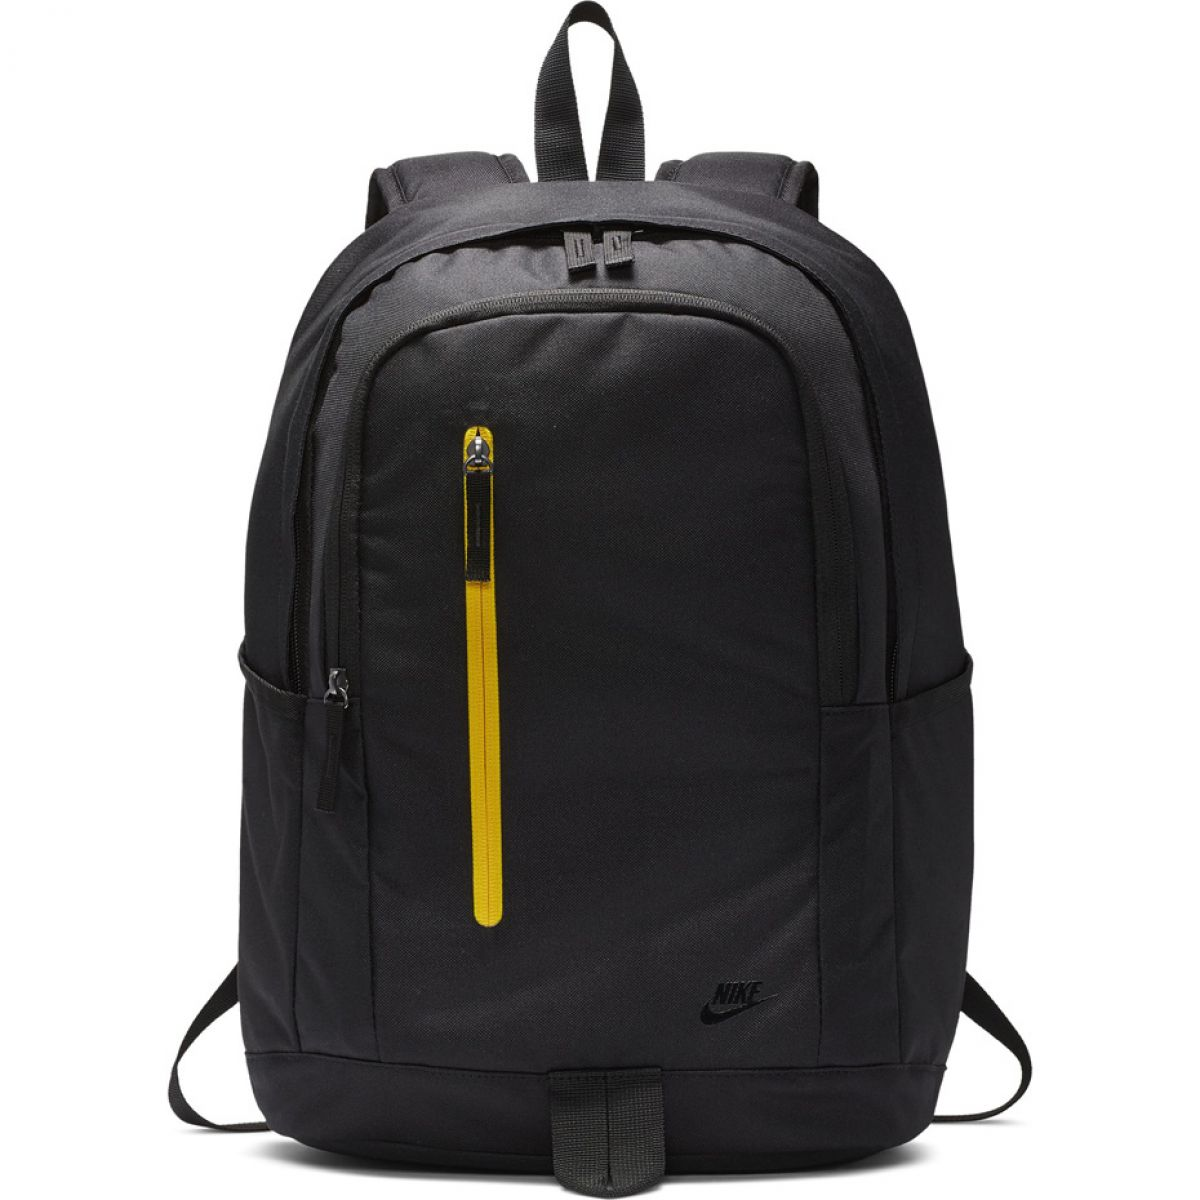 3a640b28617 Nike Раница All Access Soleday - BA5532-011, Мъже, Мъжки чанти ...